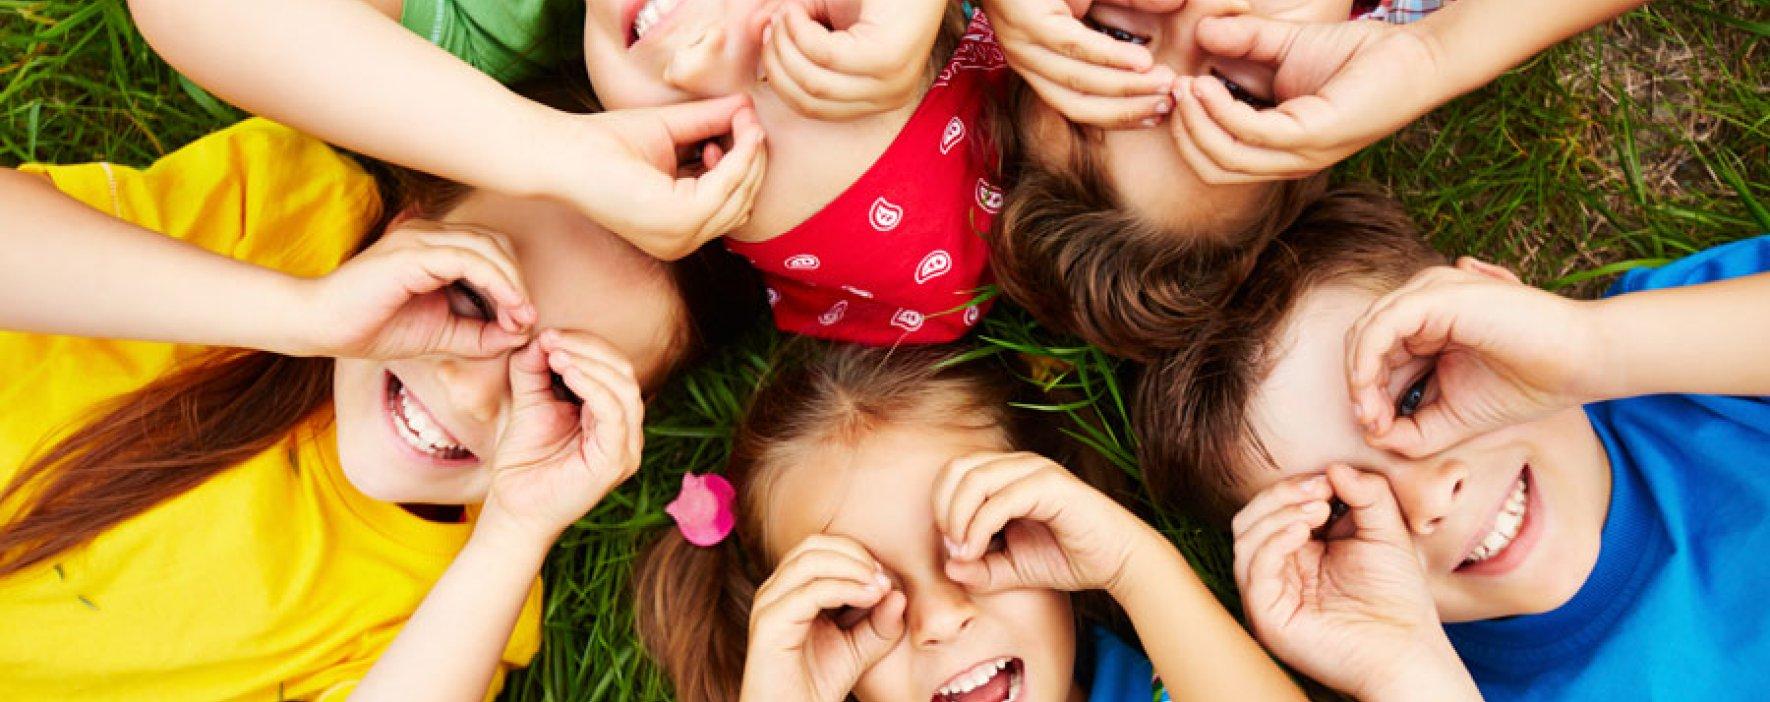 Convocatoria de proyectos para promoción de derechos de niños y adolescentes